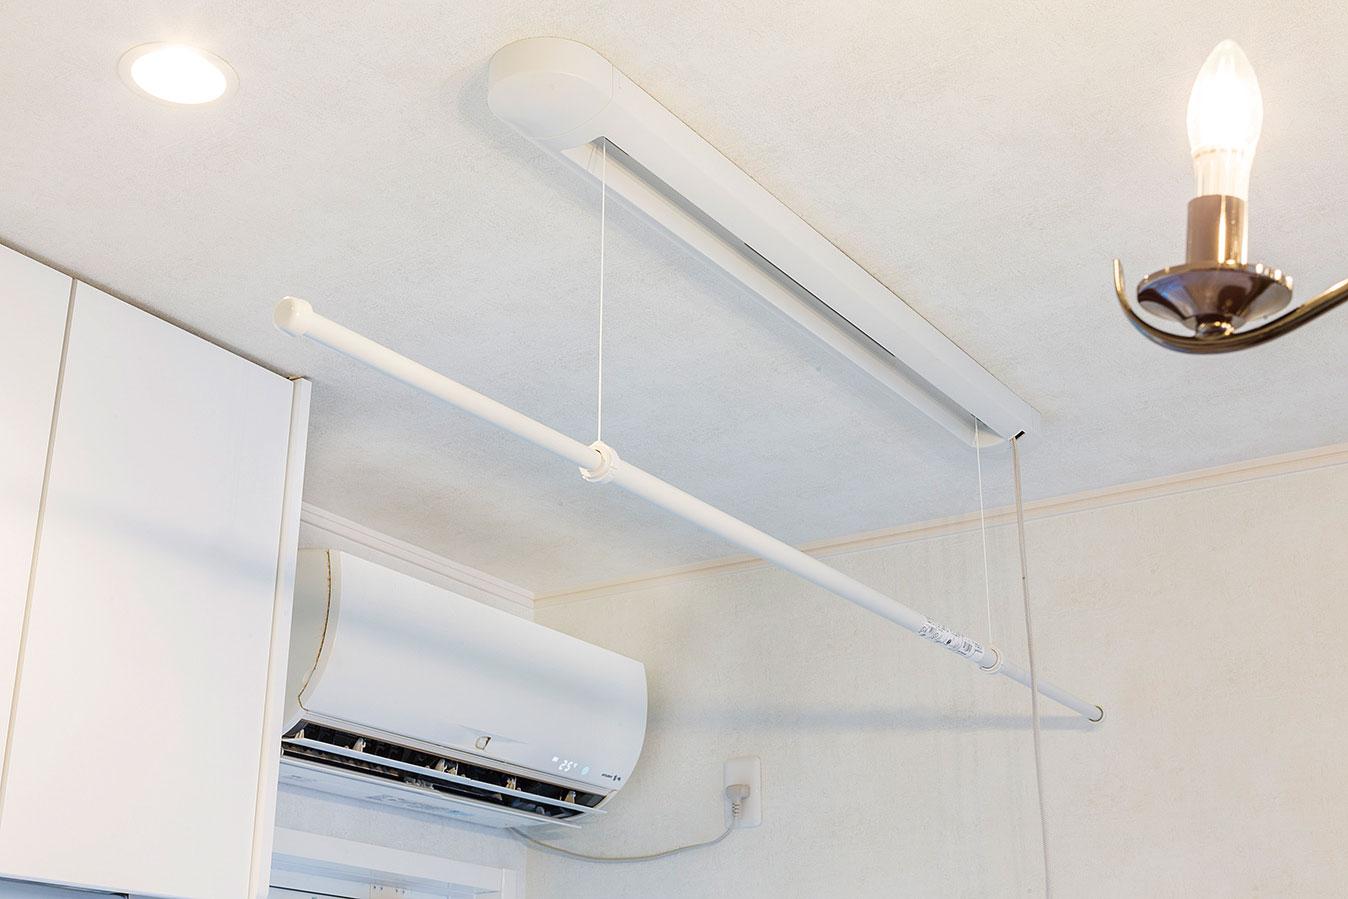 部屋干しできるよう室内物干しユニットを設置。エアコン前で効率的に乾かせる